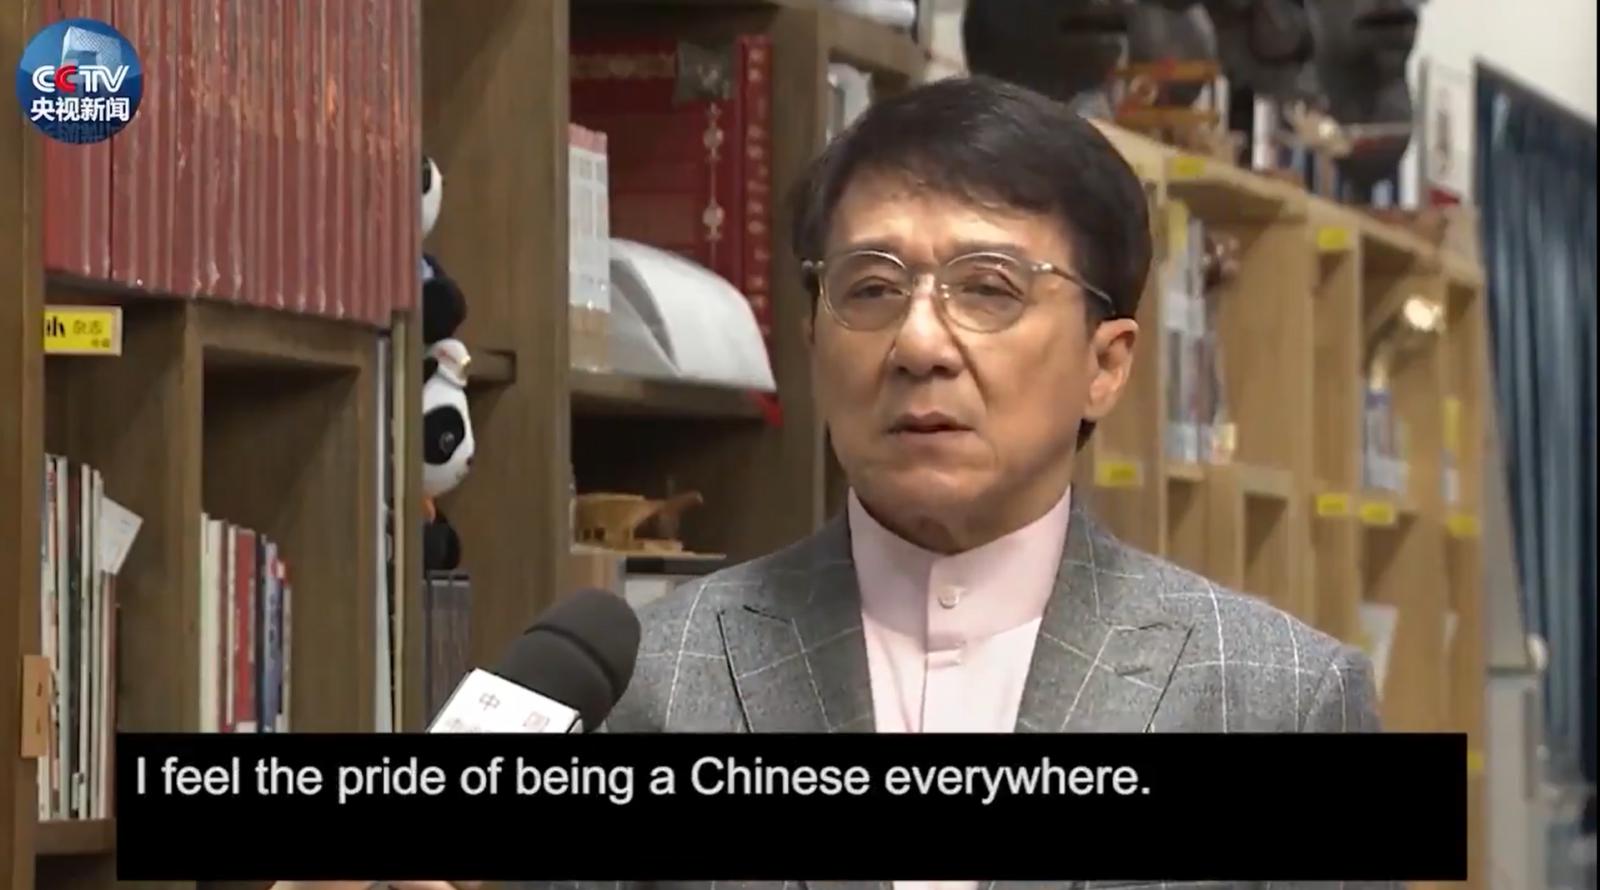 """ม็อบฮ่องกง ลาม """"เฉินหลง"""" ประกาศเป็นผู้พิทักษ์ธงชาติจีน"""